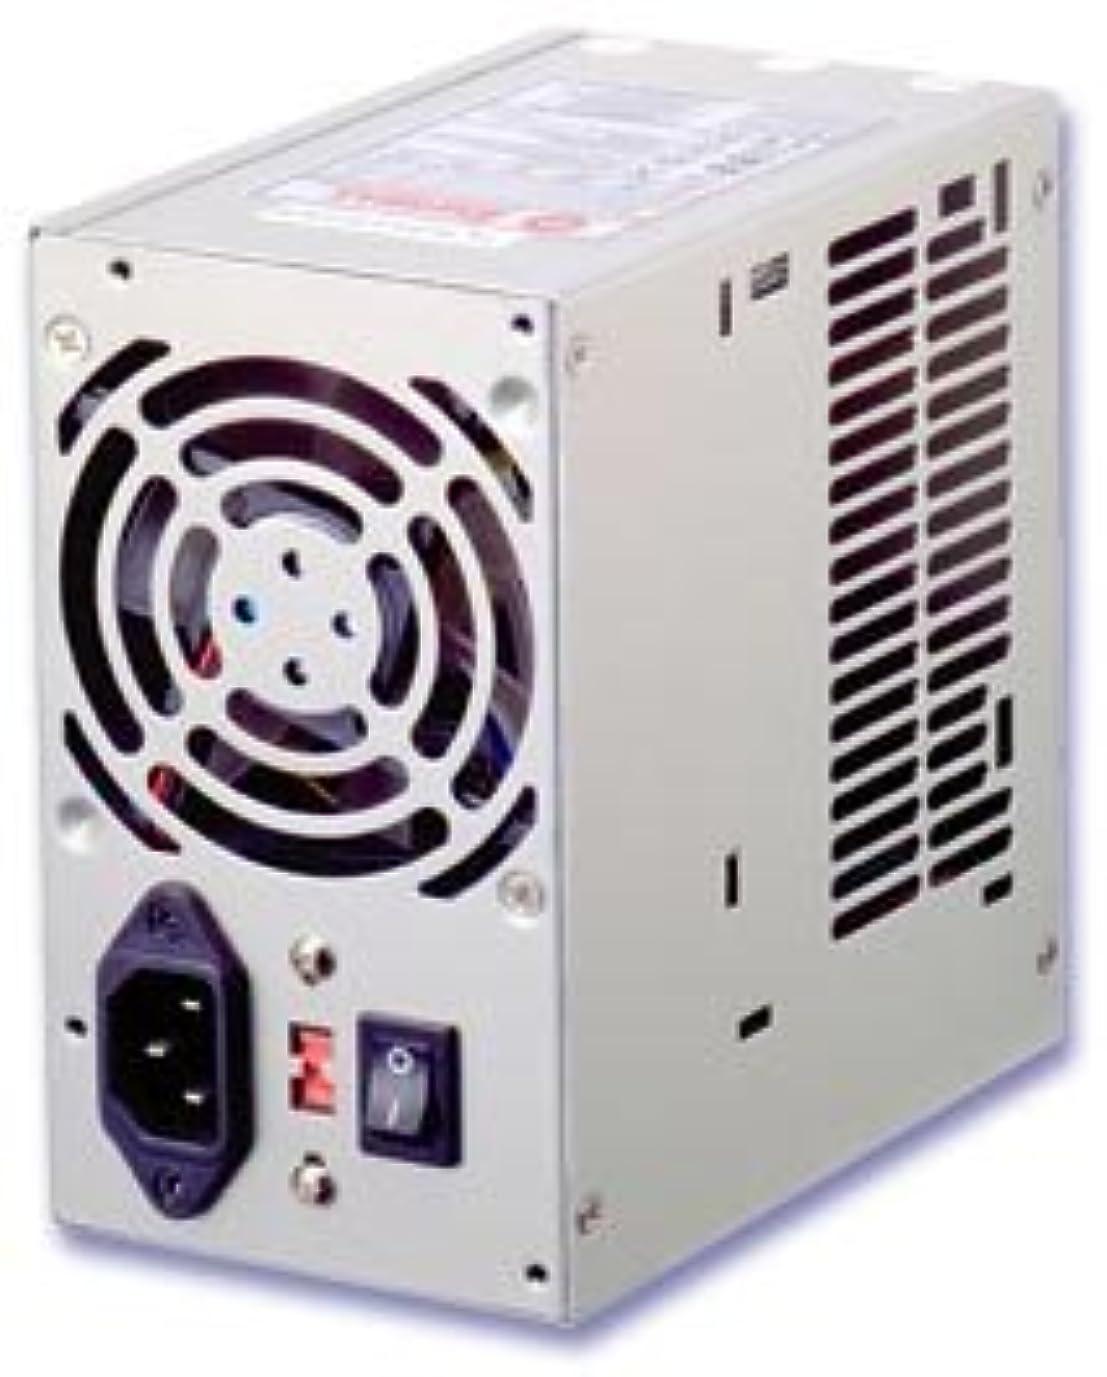 コンサルタント変装王位400W PowerMac G4 (Gigabit Ethernet 以降)用電源ユニット